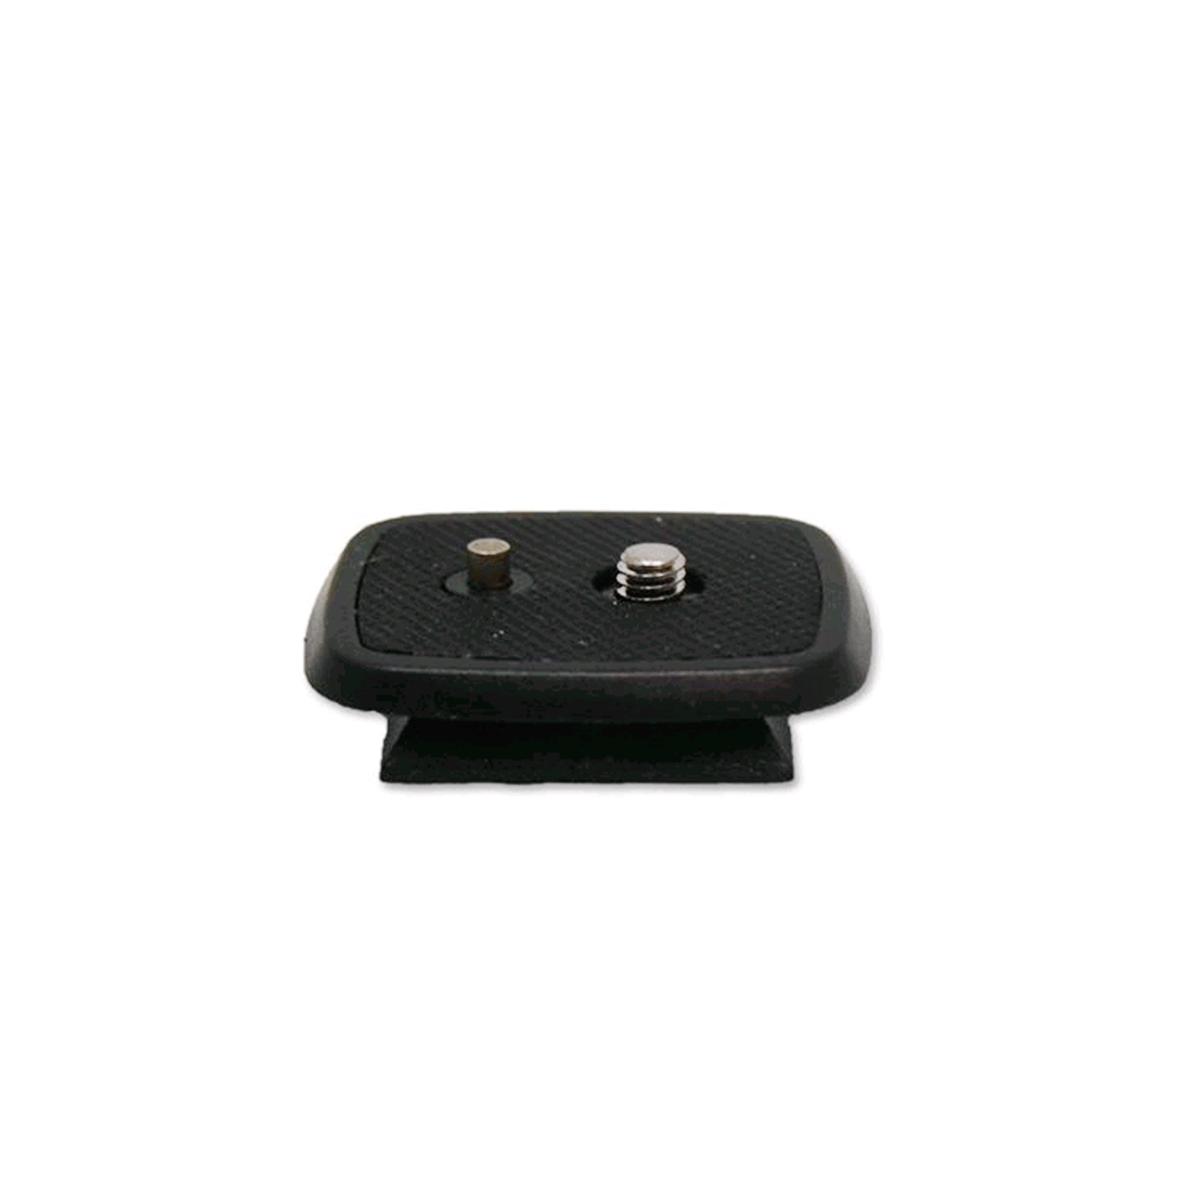 Sapata de Engate Rápido para Tripé WT-3710  - Fotolux